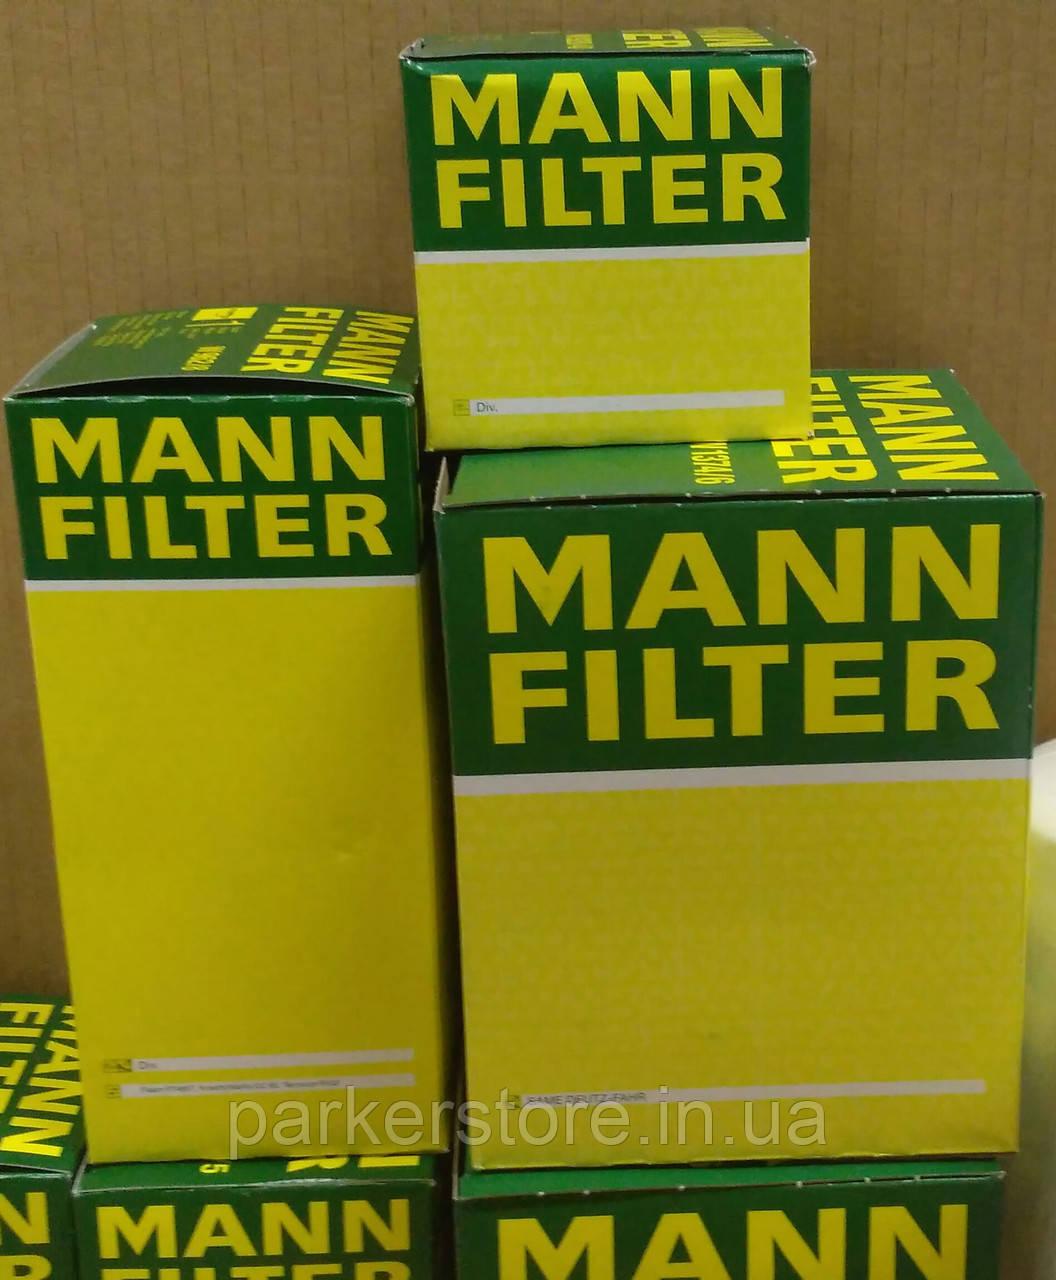 MANN FILTER / Повітряний фільтр / C 27 154/1 / C27154/1